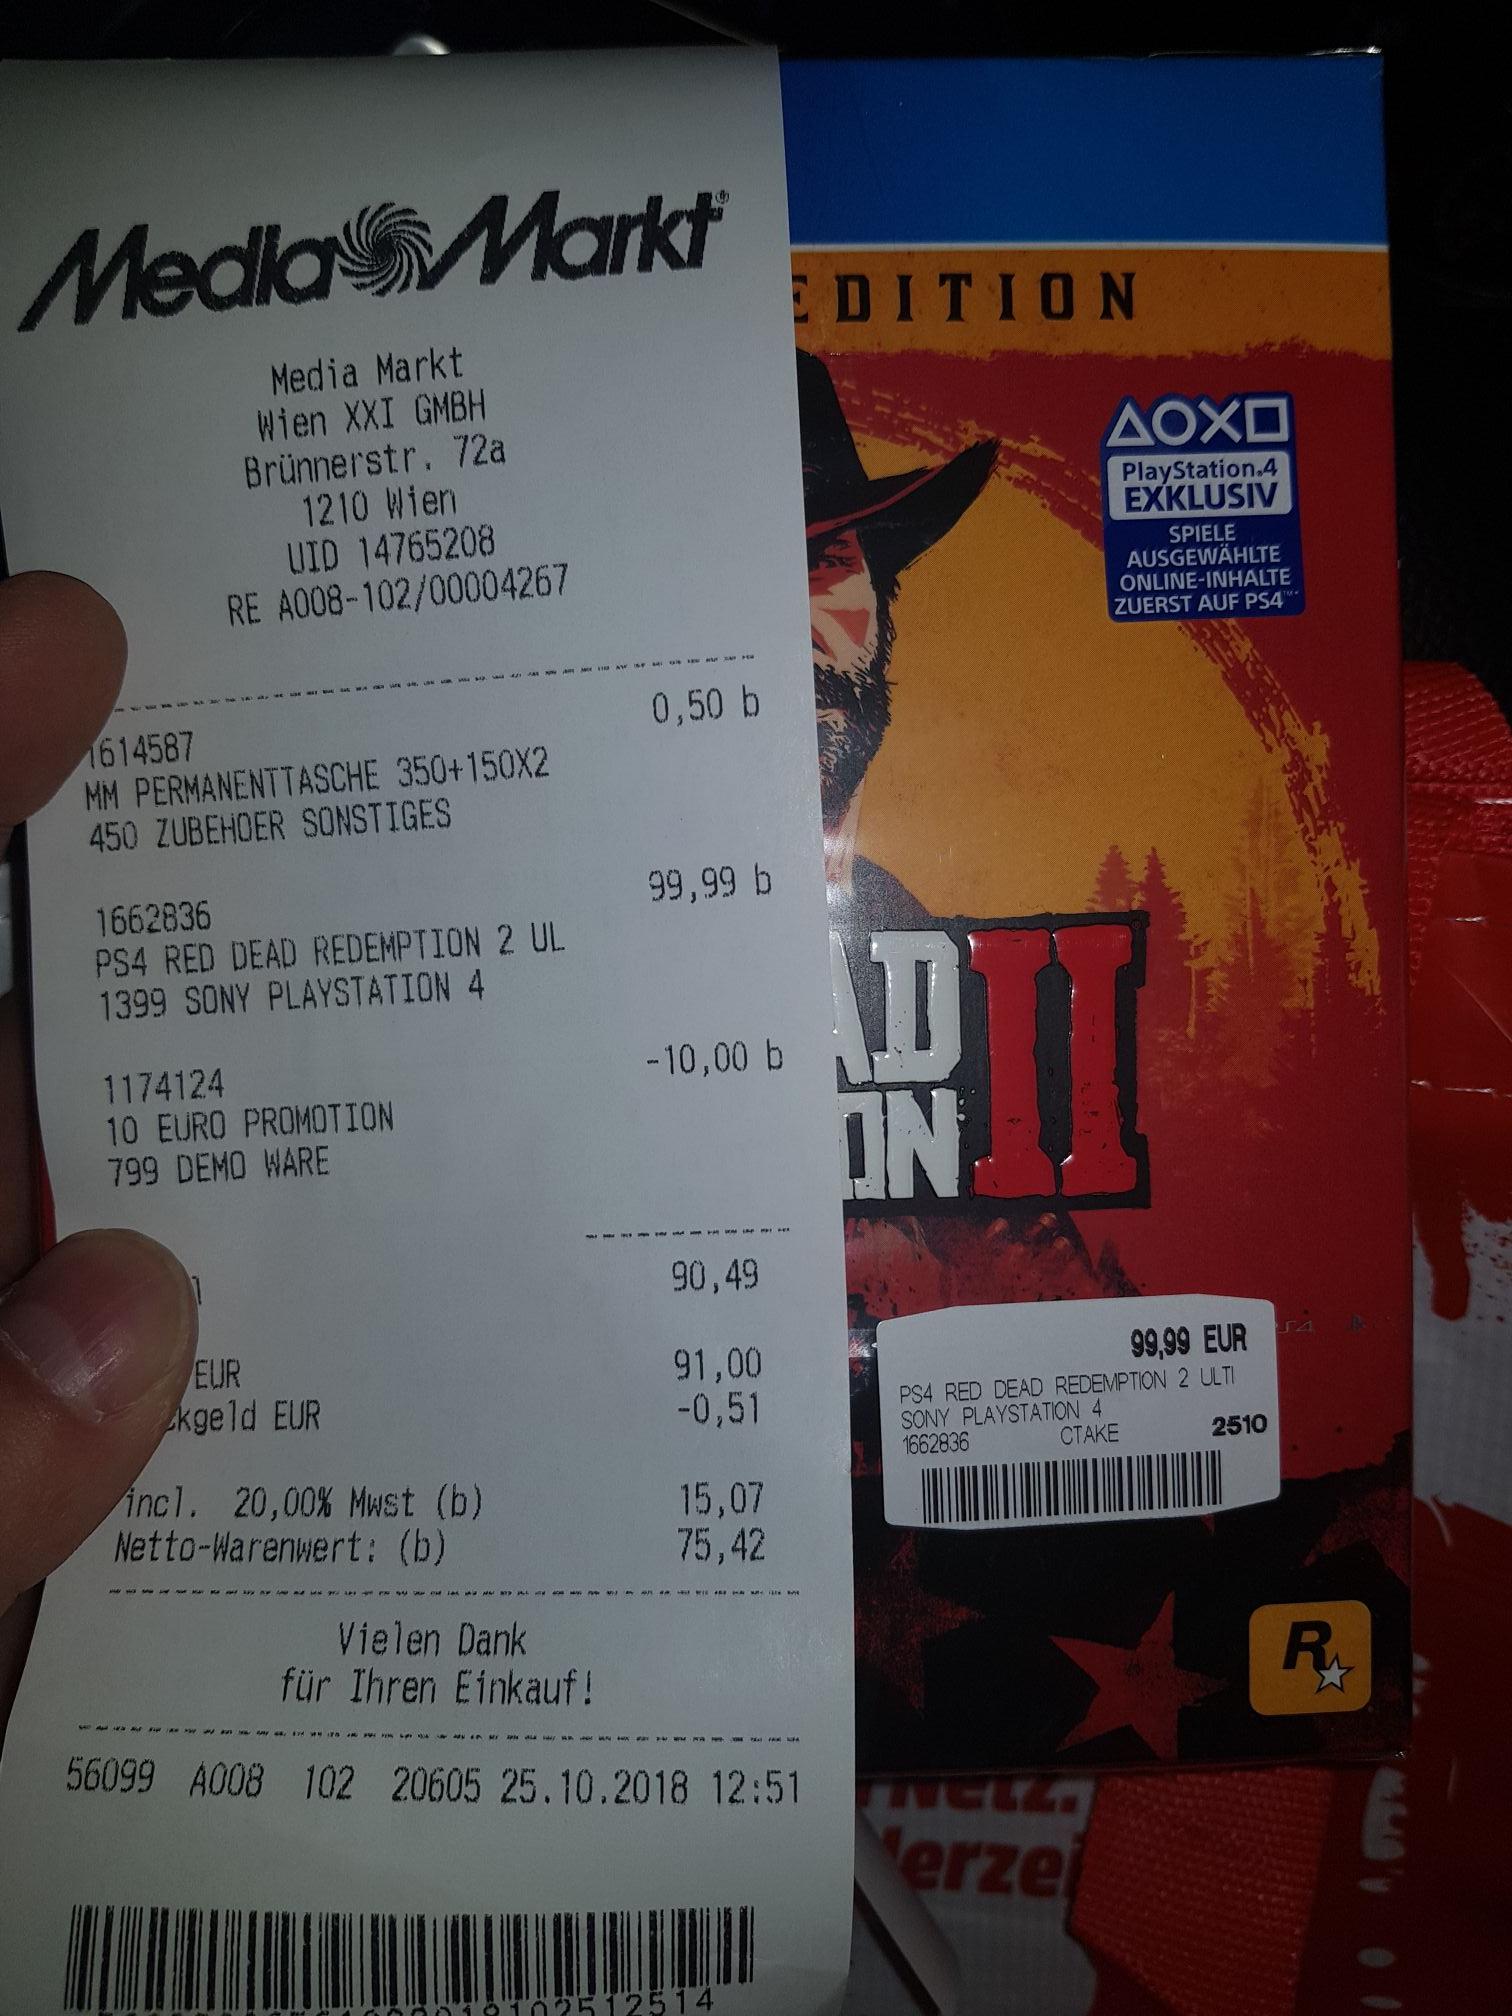 Red Dead Redemption 2 Ultimate schon heute und nur 89.99